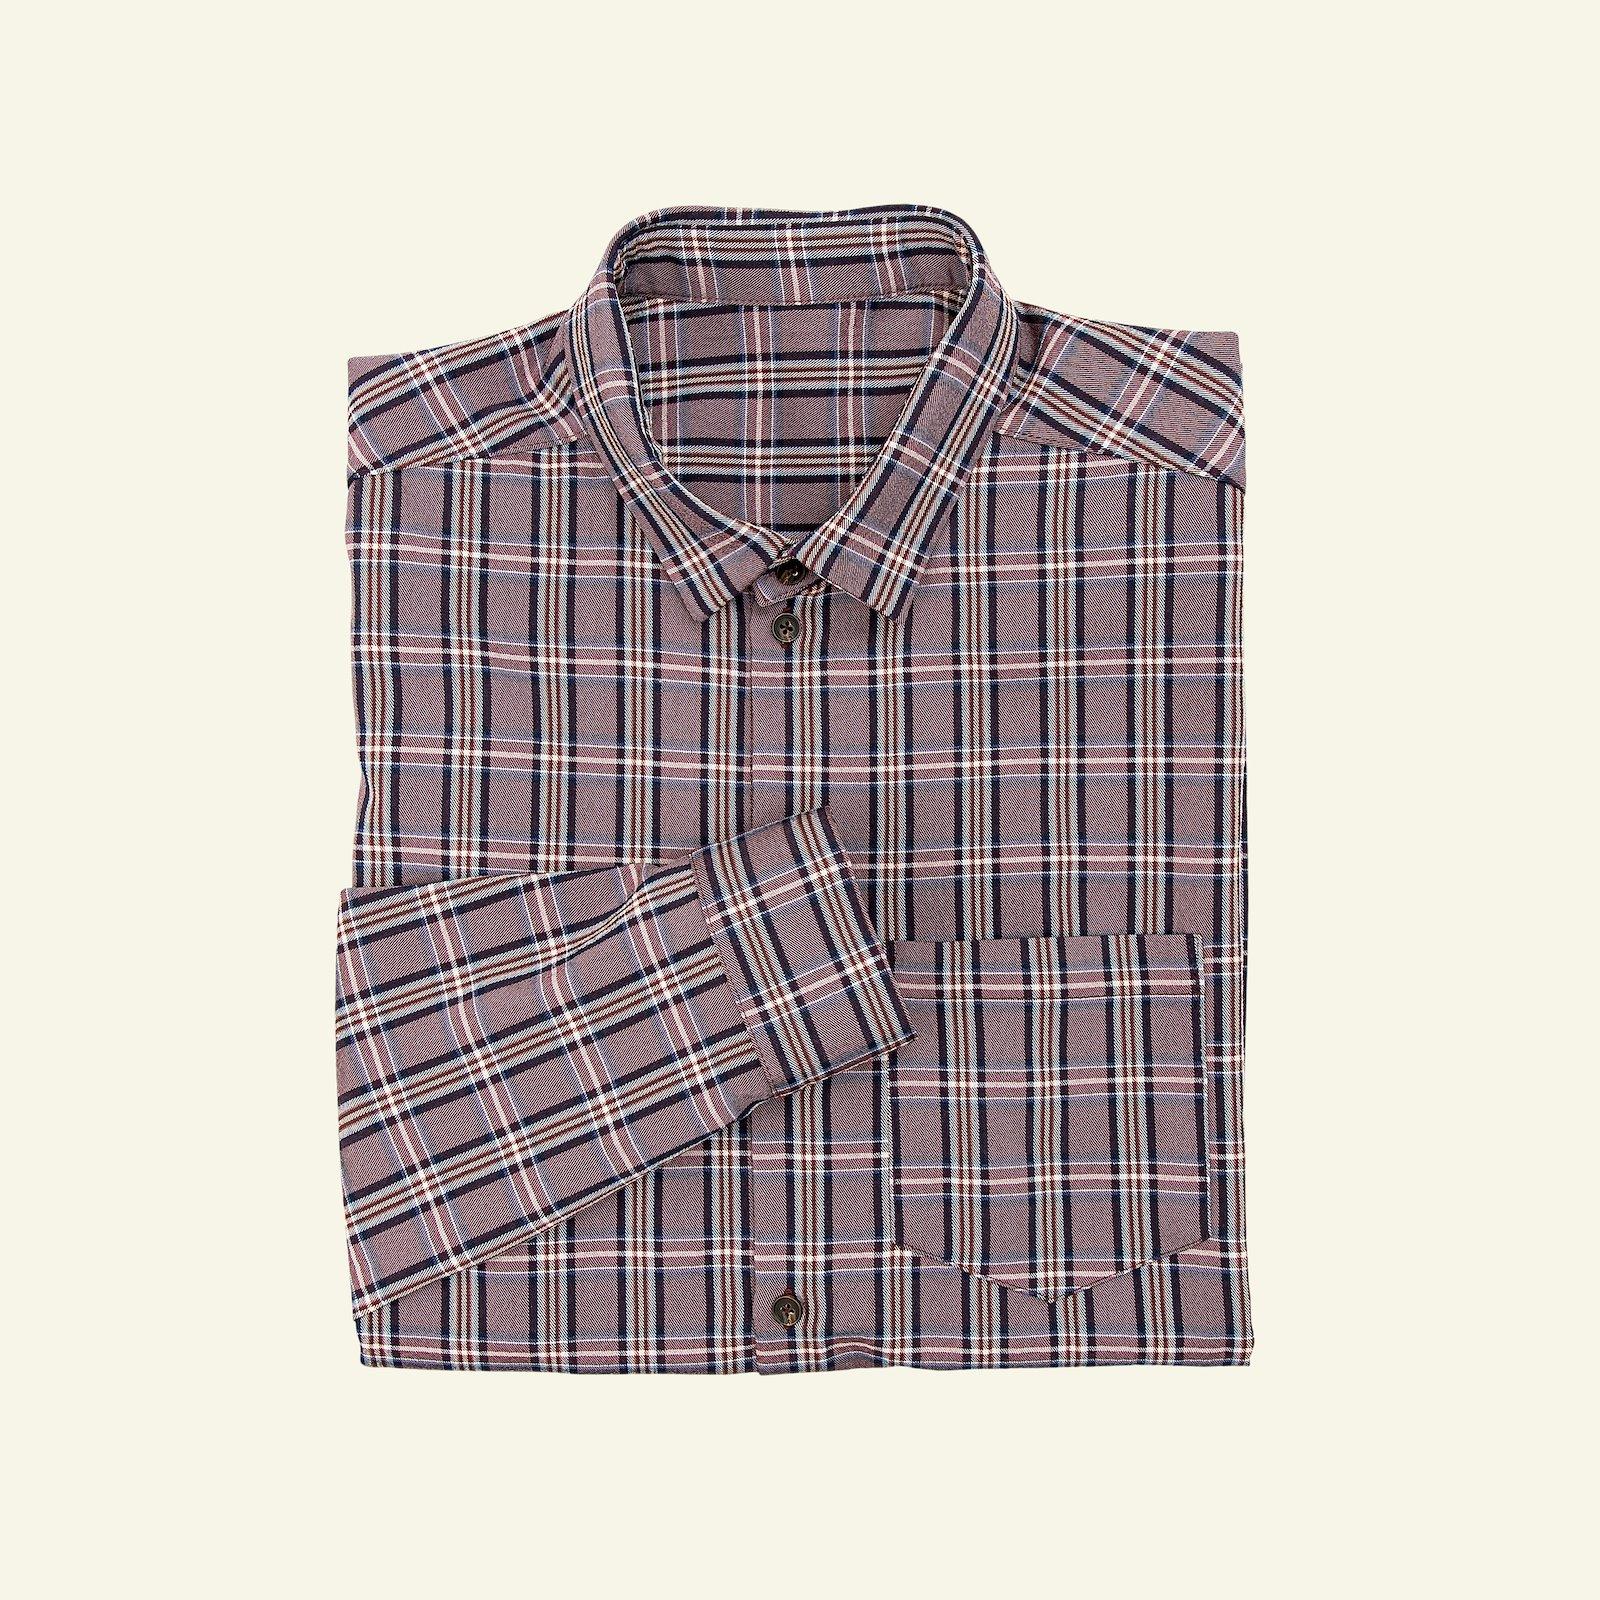 Shirt, XL p87001_300219_40332_sskit